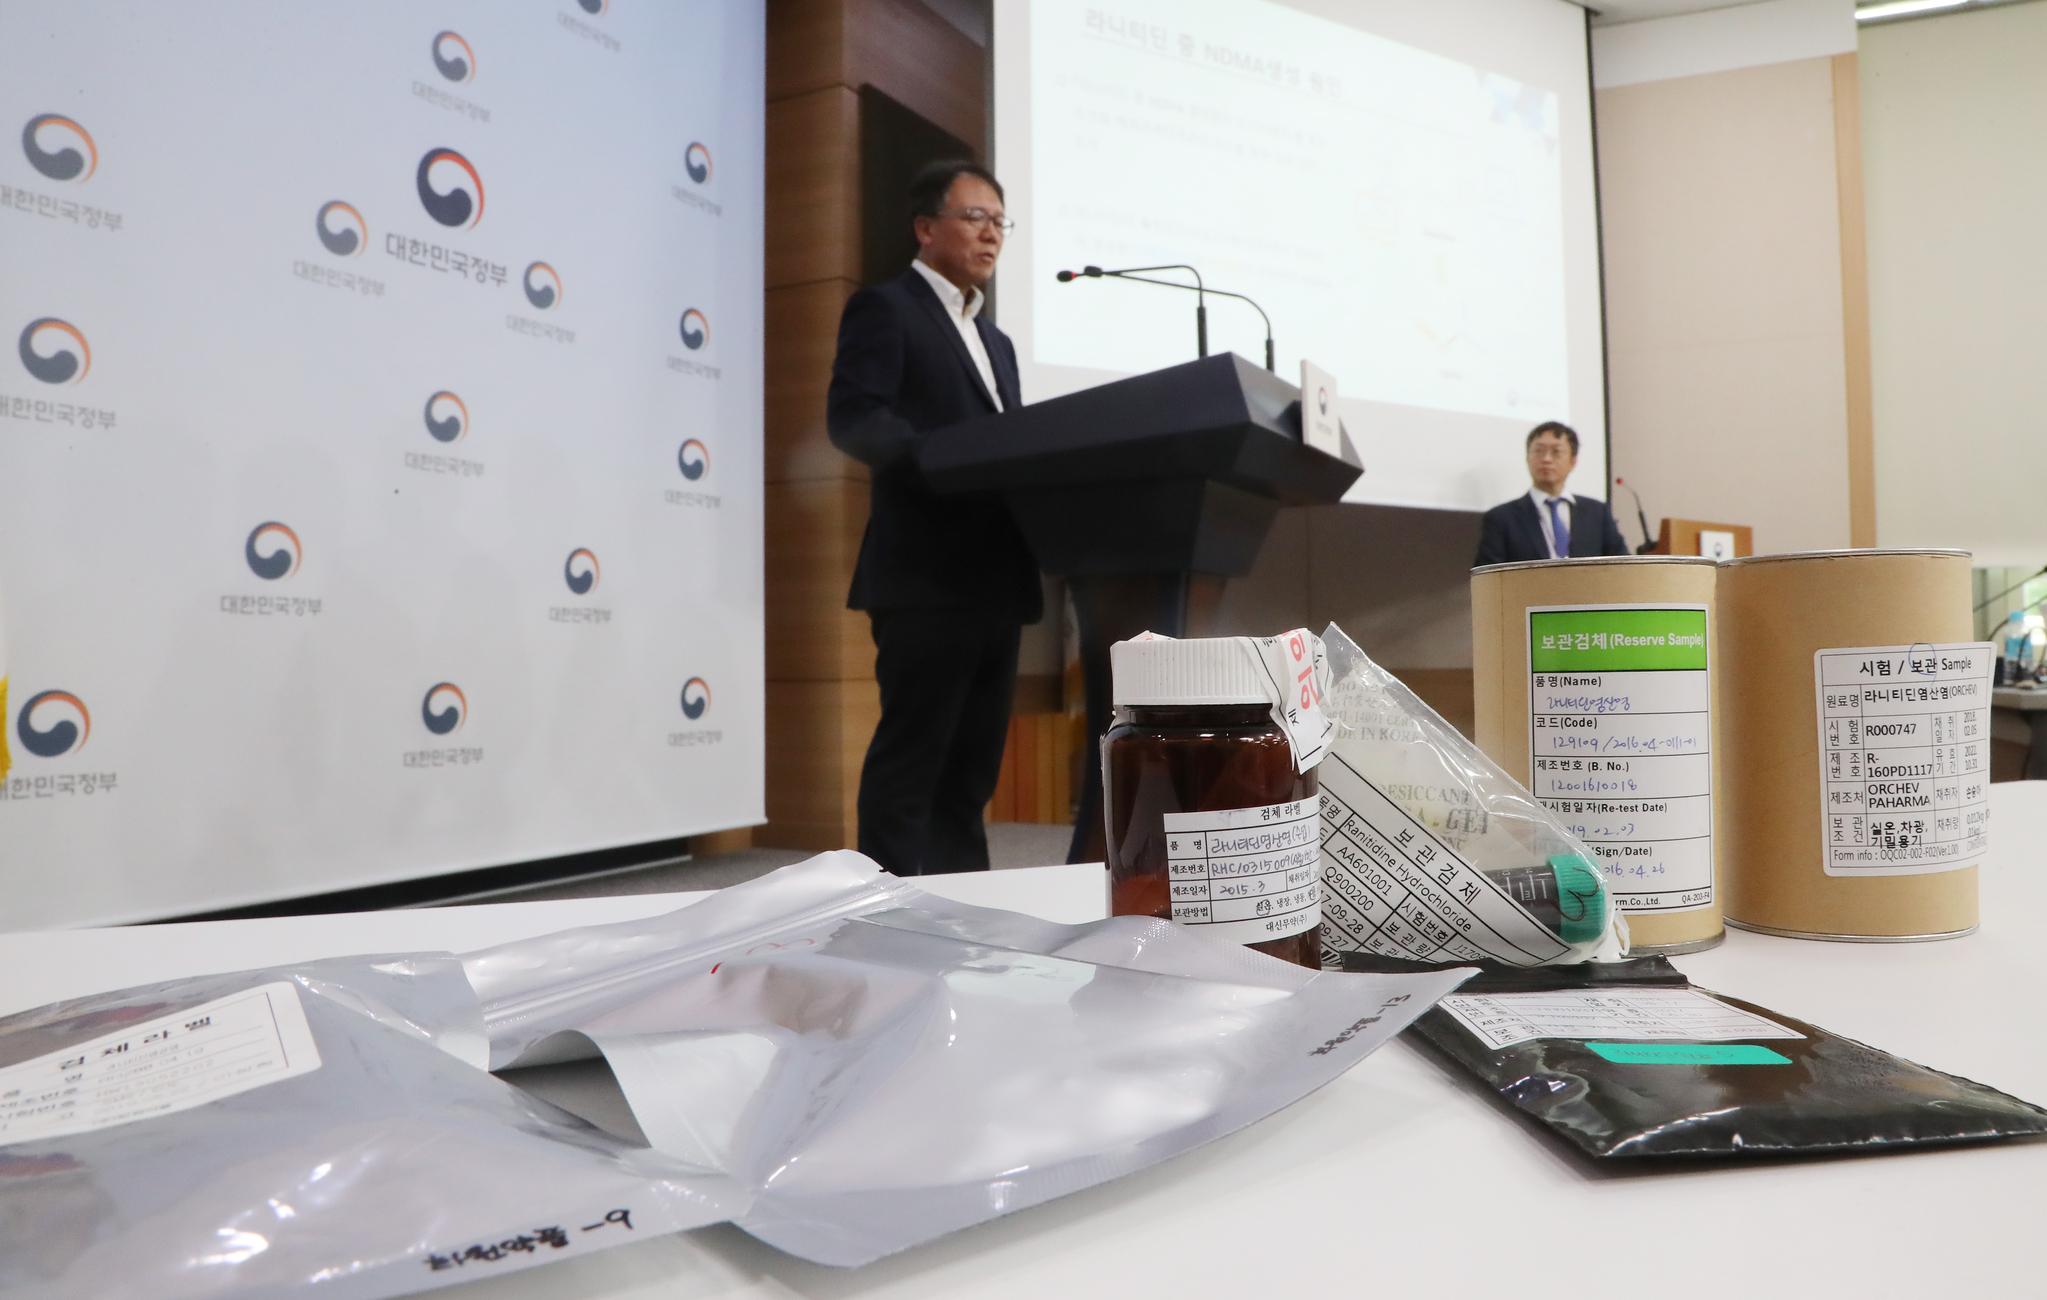 지난 9월 위장약 성분 '라니티딘' 의약품 내 발암 우려 물질 NDMA 검출에 따른 브리핑을 식약처에서 진행하고 있다. [연합뉴스]